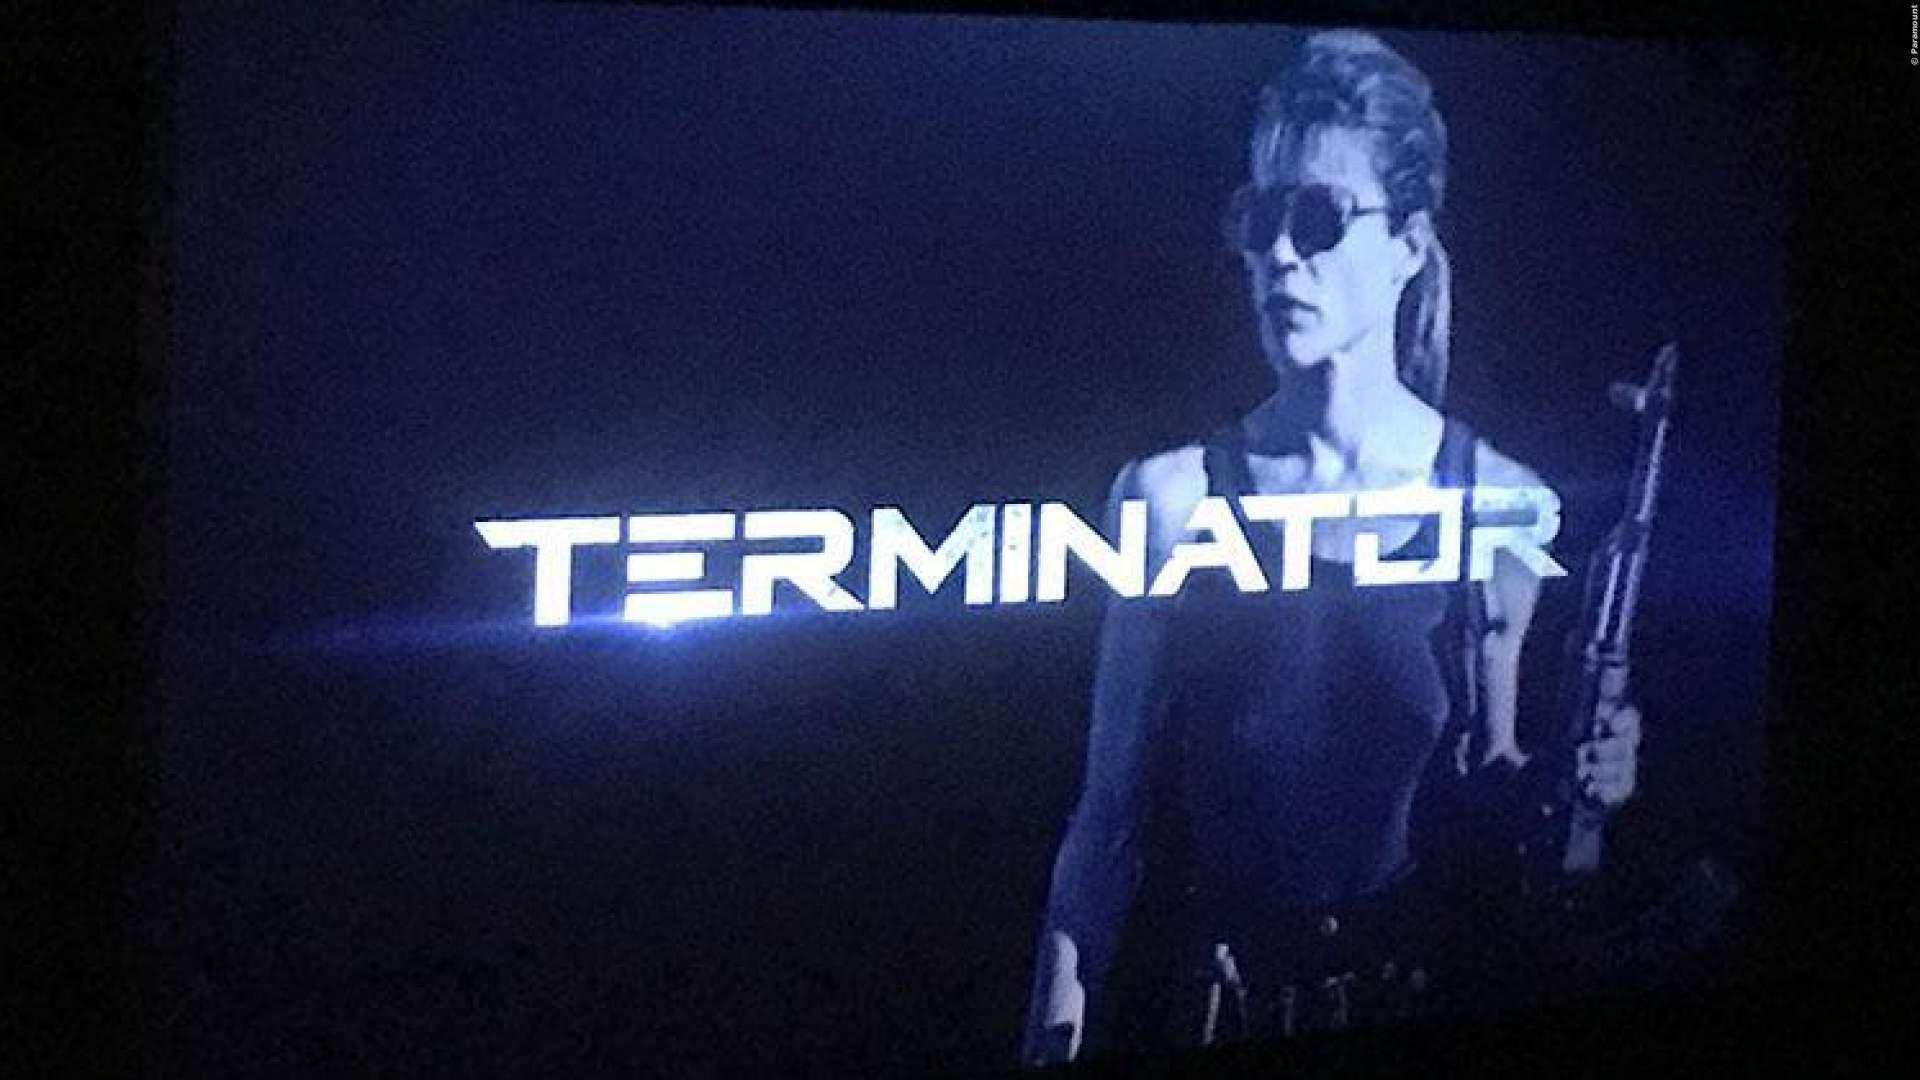 Terminator 6: Neuer Titel überrascht und sorgt für Probleme - Bild 1 von 1